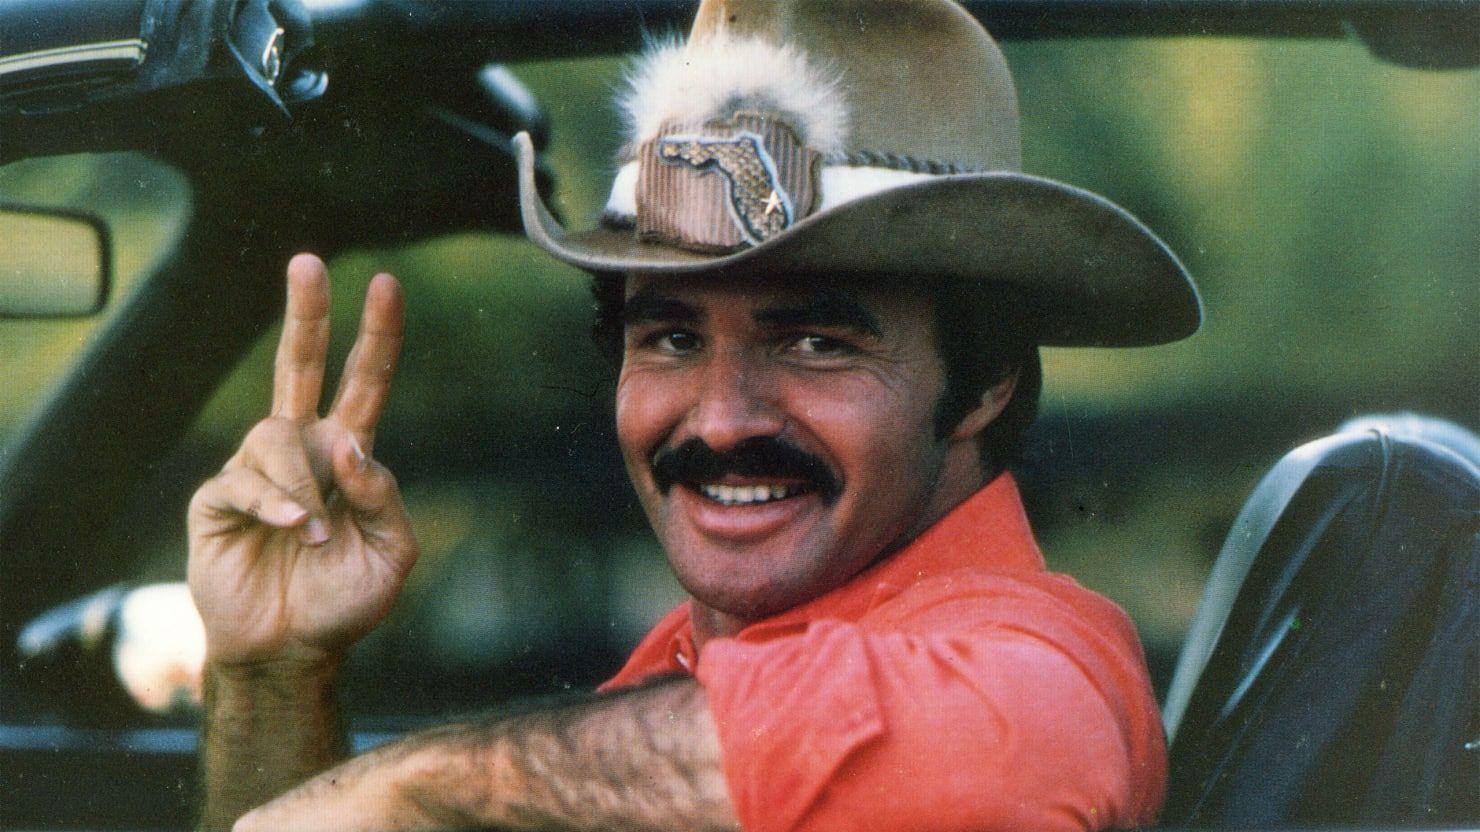 Happy Birthday to Burt Reynolds, AKA Turd Ferguson